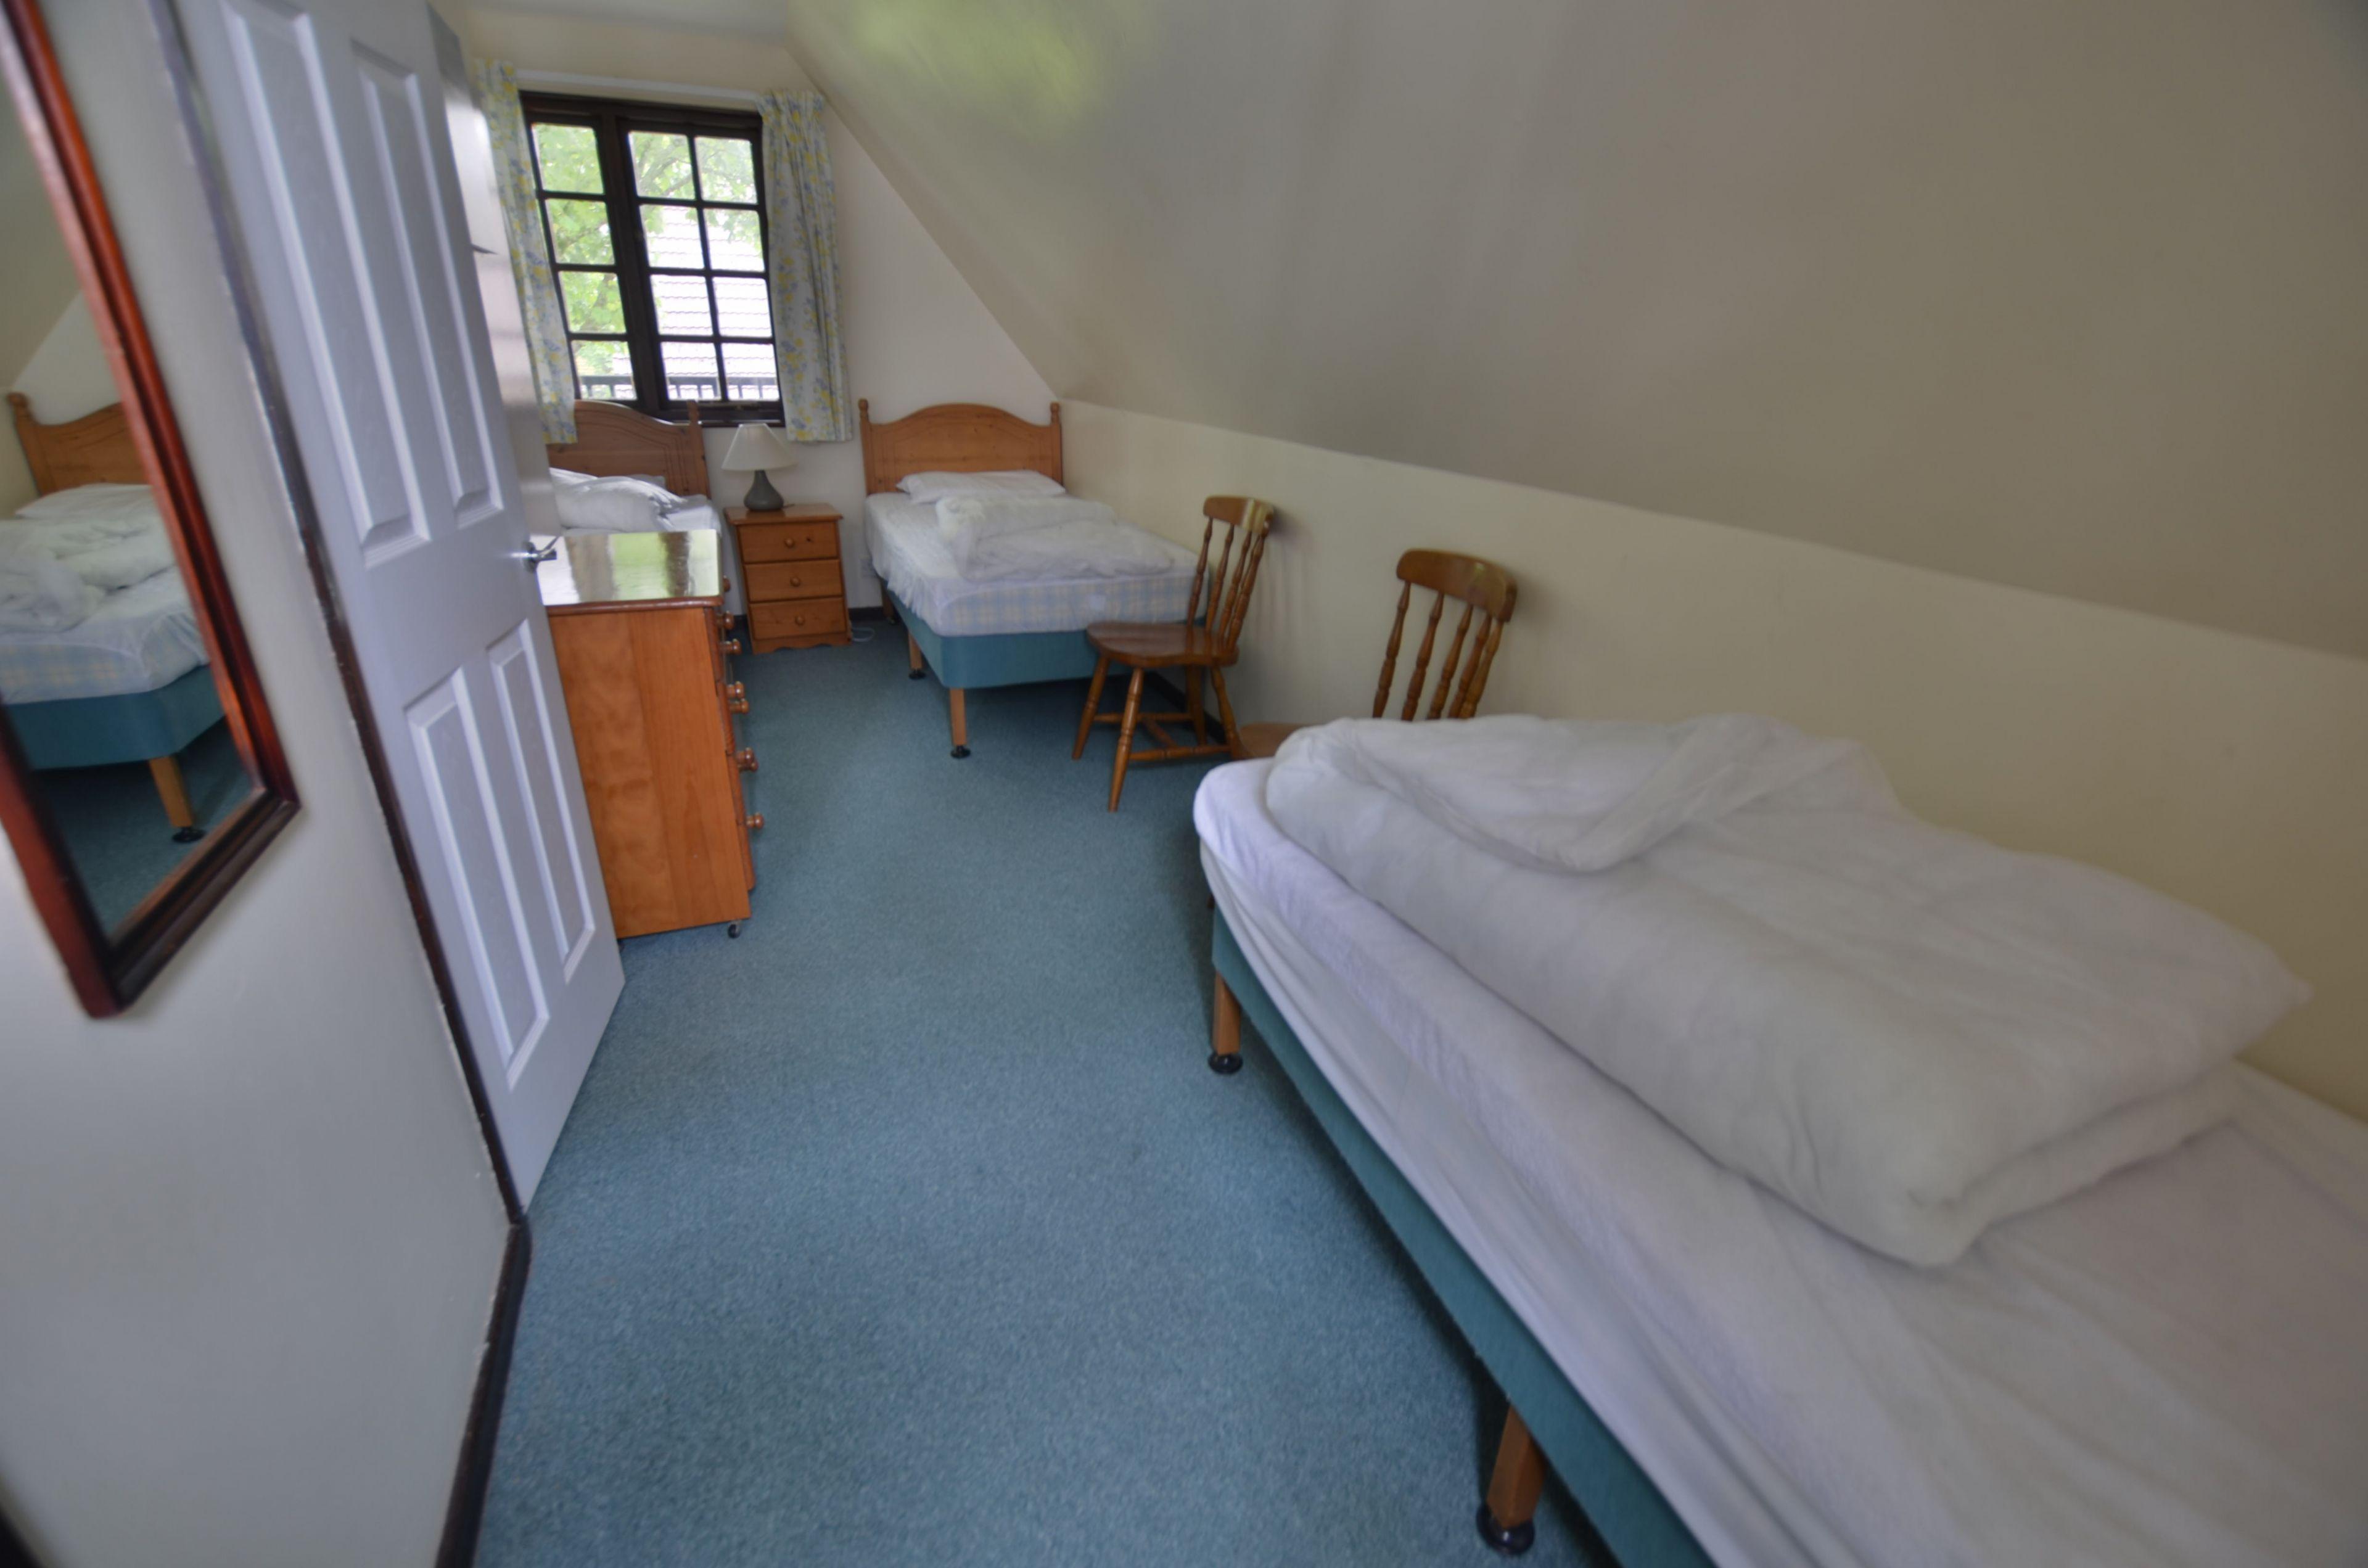 Triplet room